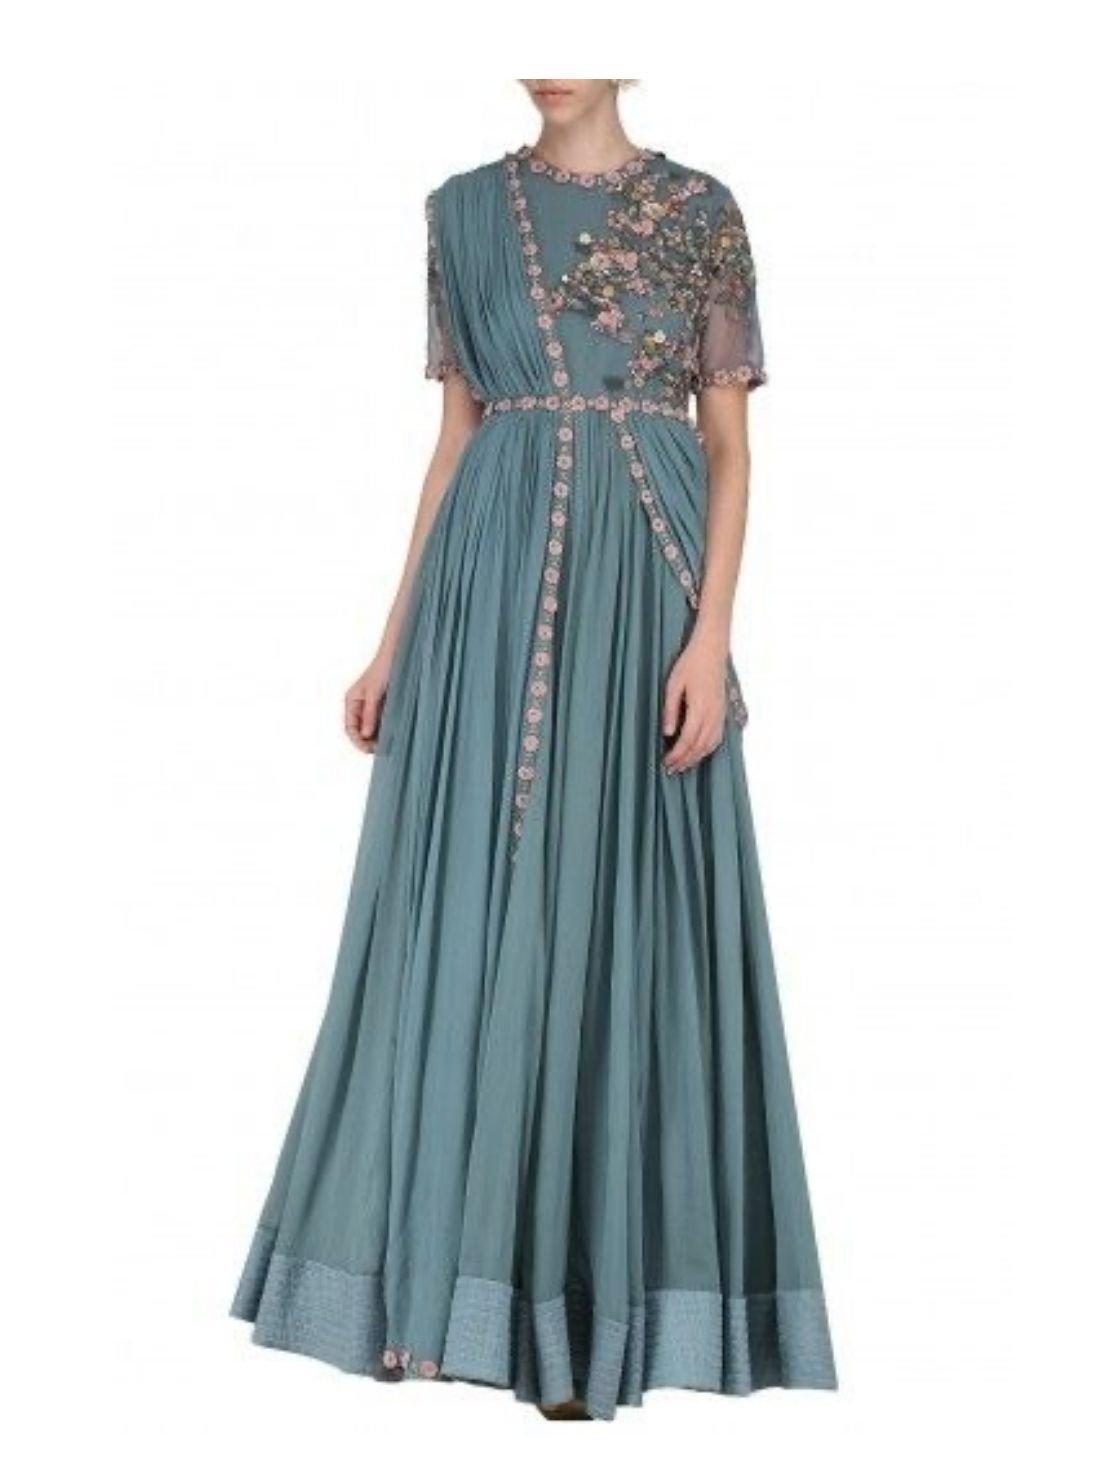 Ethnic Foor Lenght Evening Gown